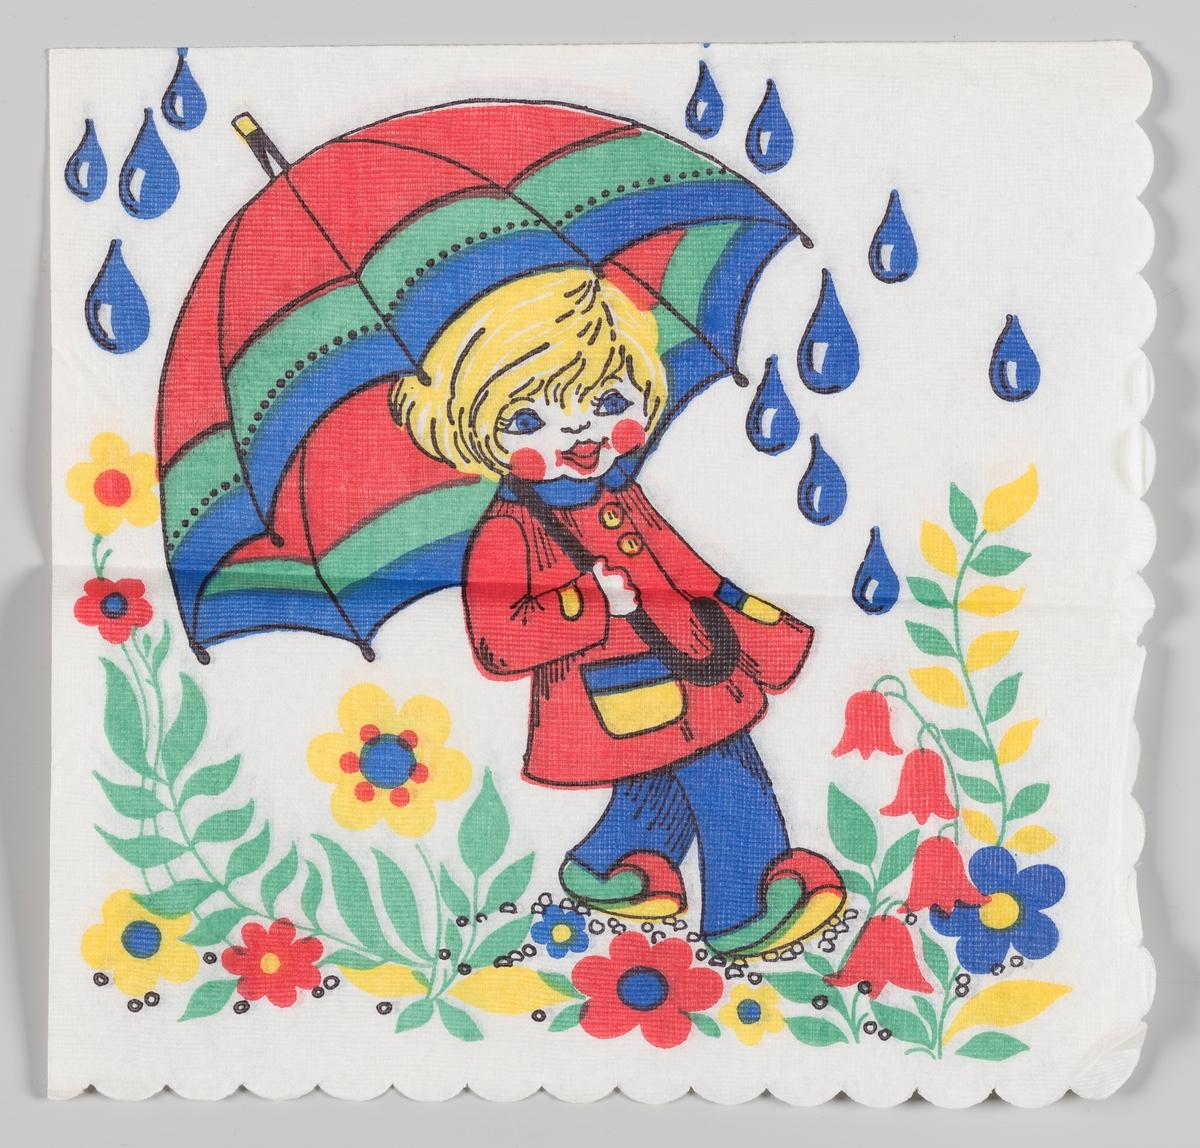 Et barn går med paraply og regnfrakk i en blomstereng i regnvær.